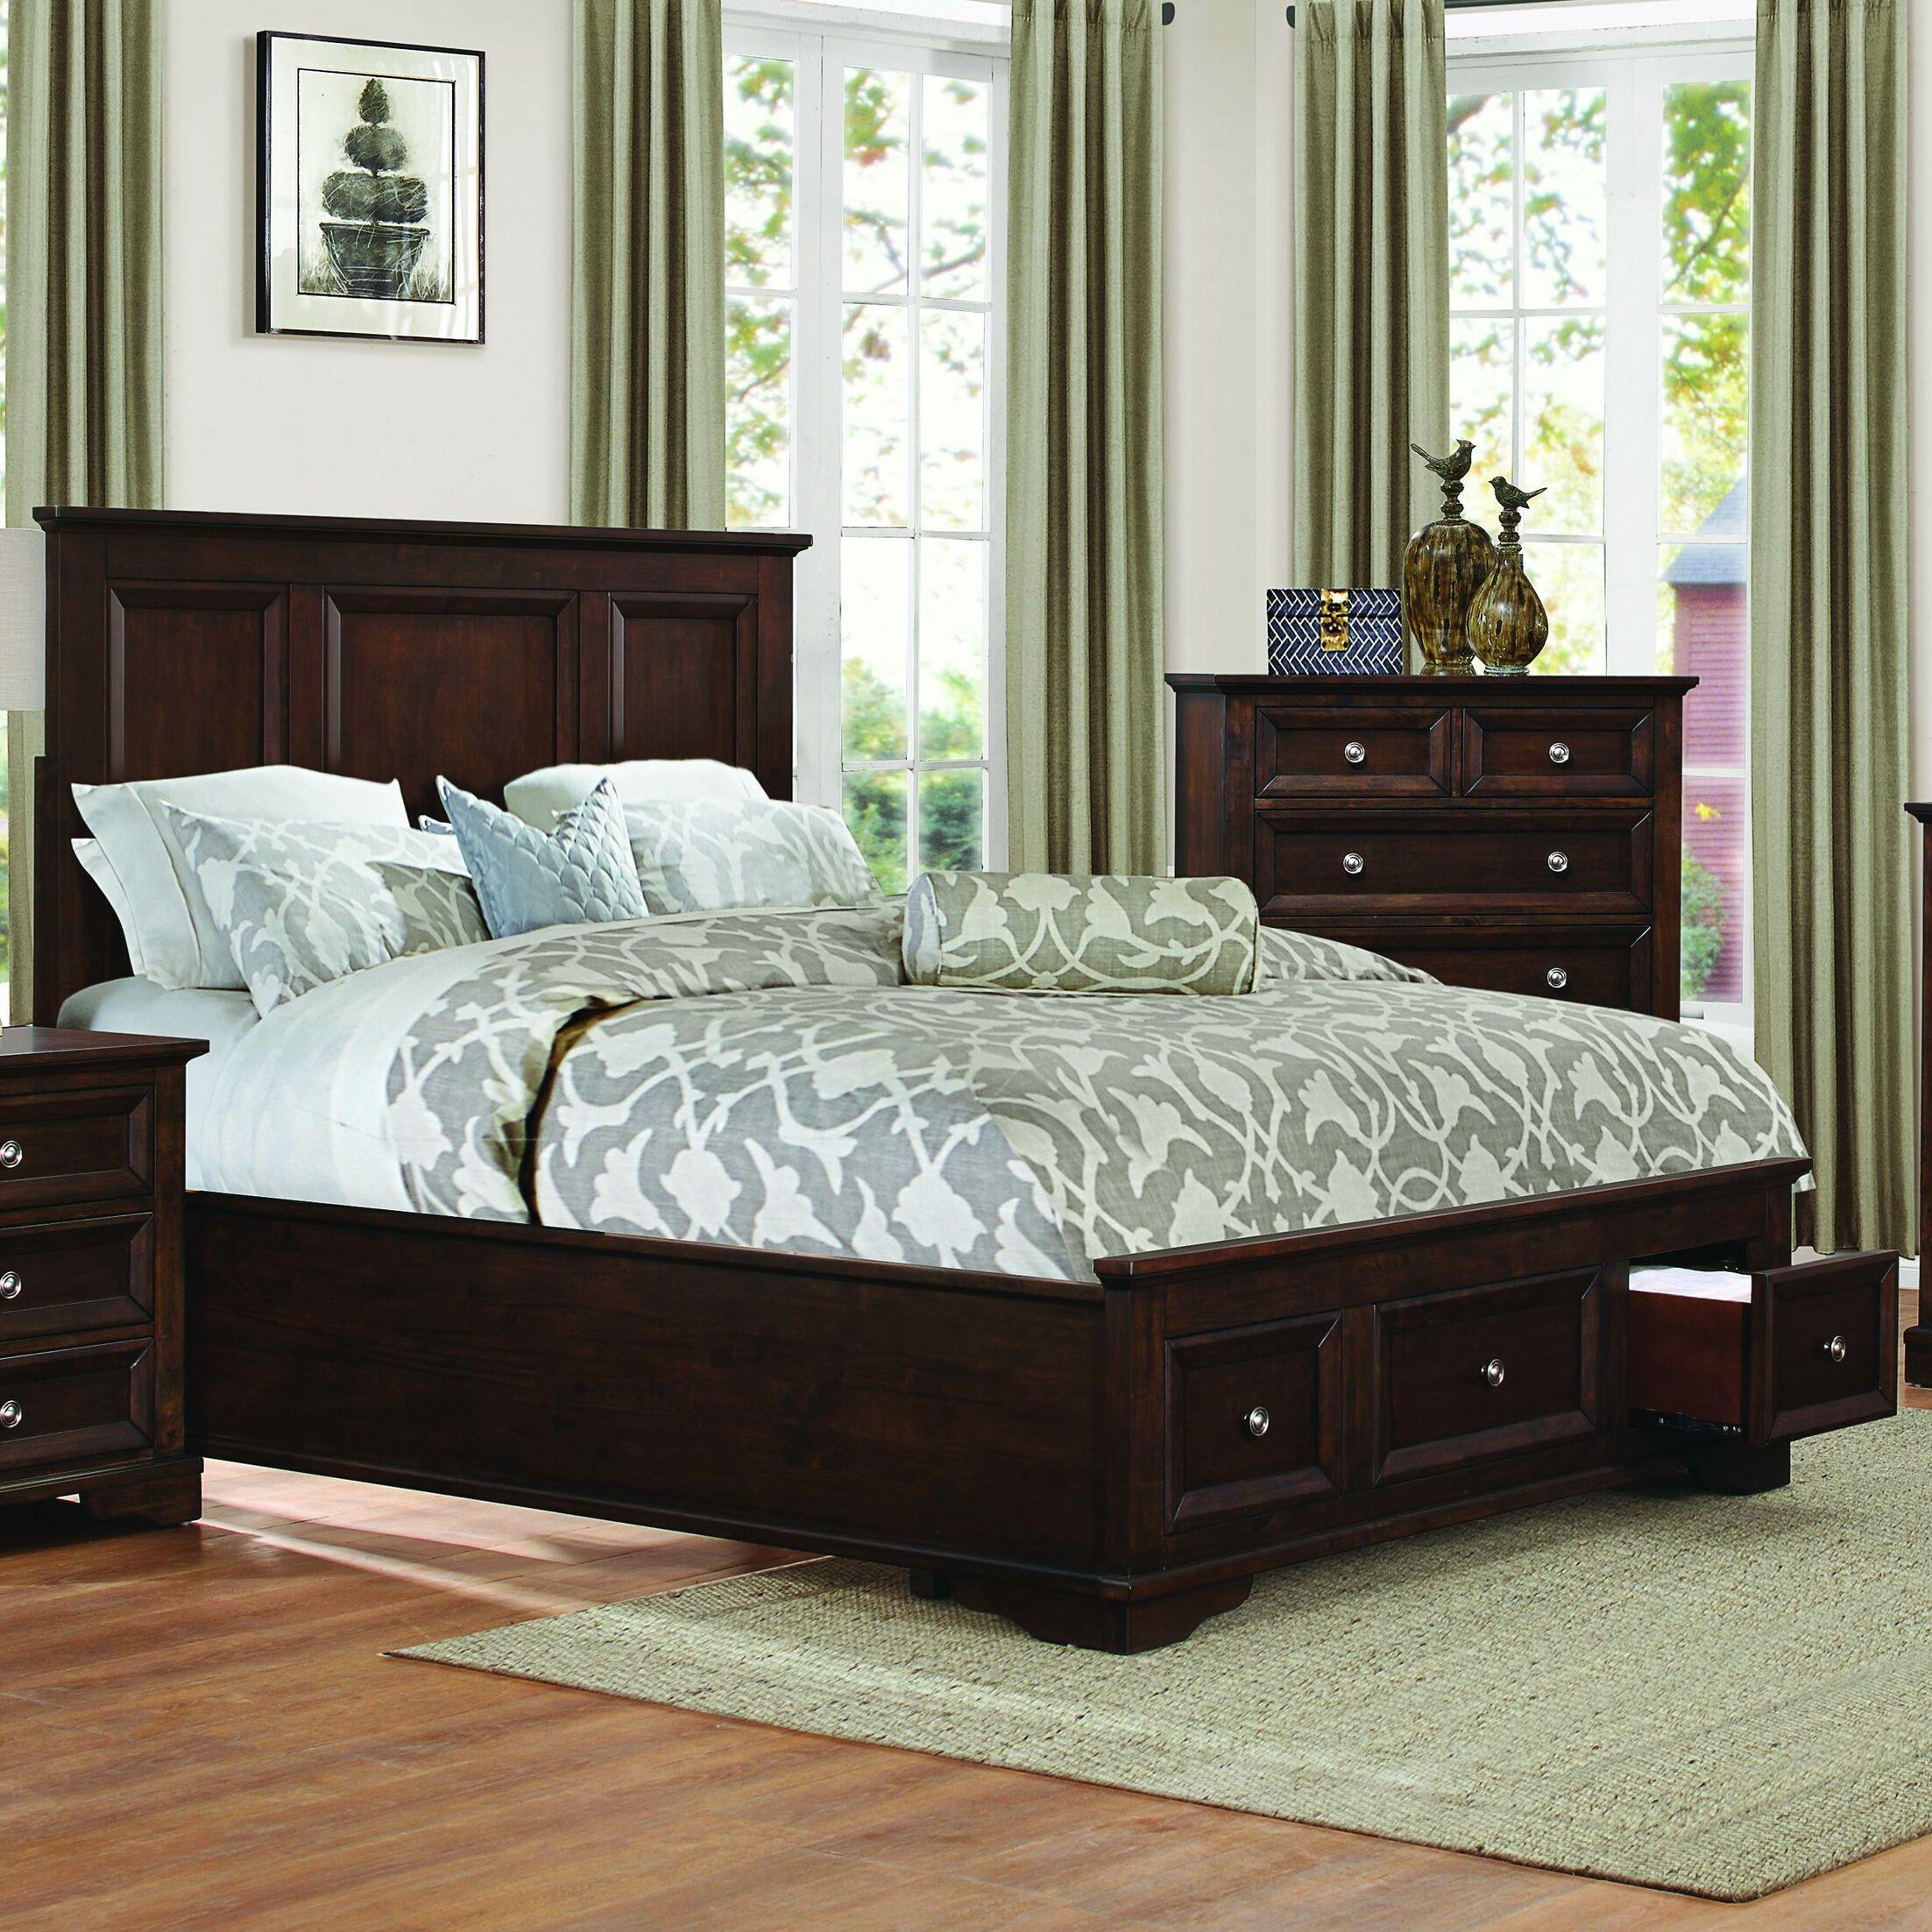 Eunice Storage Platform Bed Size: Queen